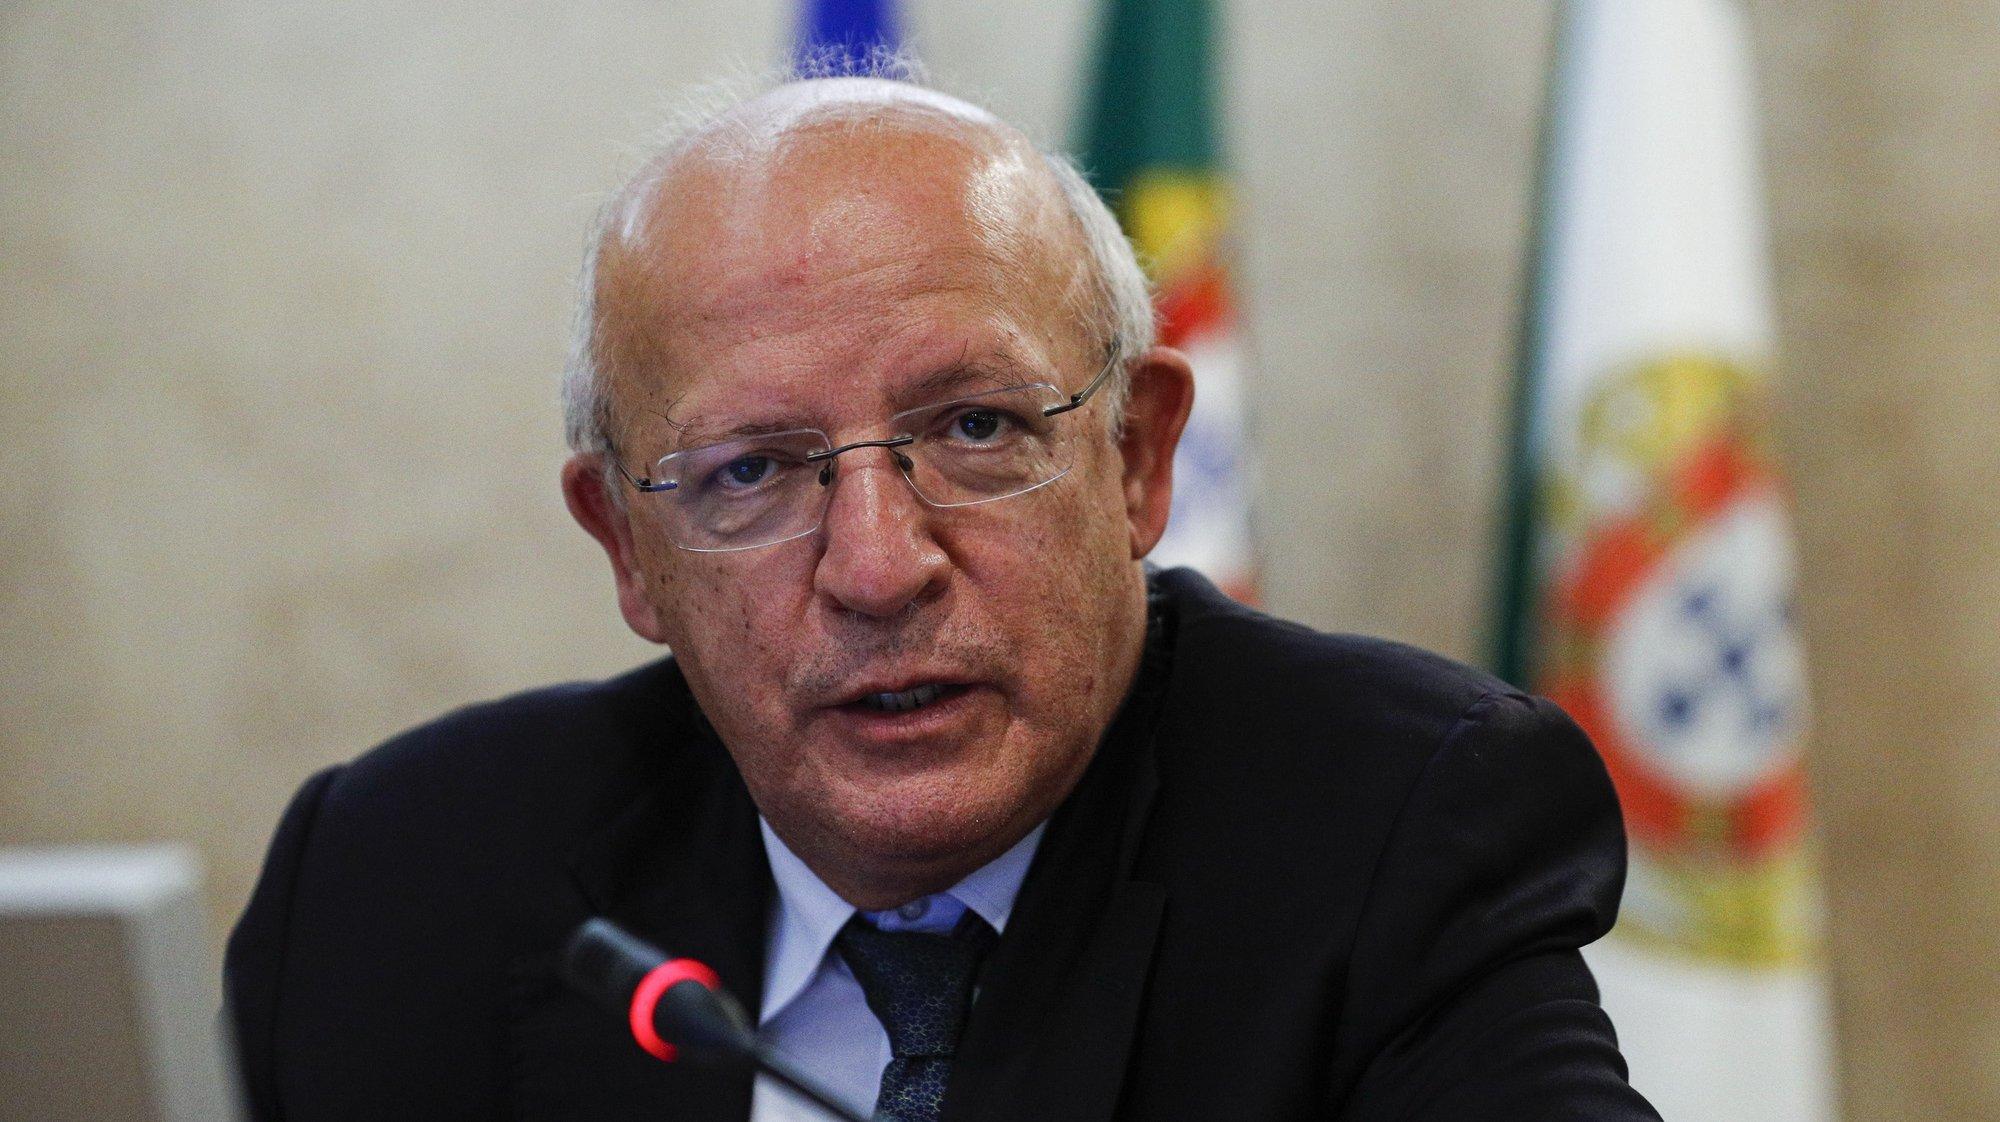 O ministro de Estado e dos Negócios Estrangeiros, Augusto Santos Silva, durante a sua audição perante a Comissão de Assuntos Europeus, na Assembleia da República, em Lisboa, 23 de junho de 2021. ANTÓNIO COTRIM/LUSA